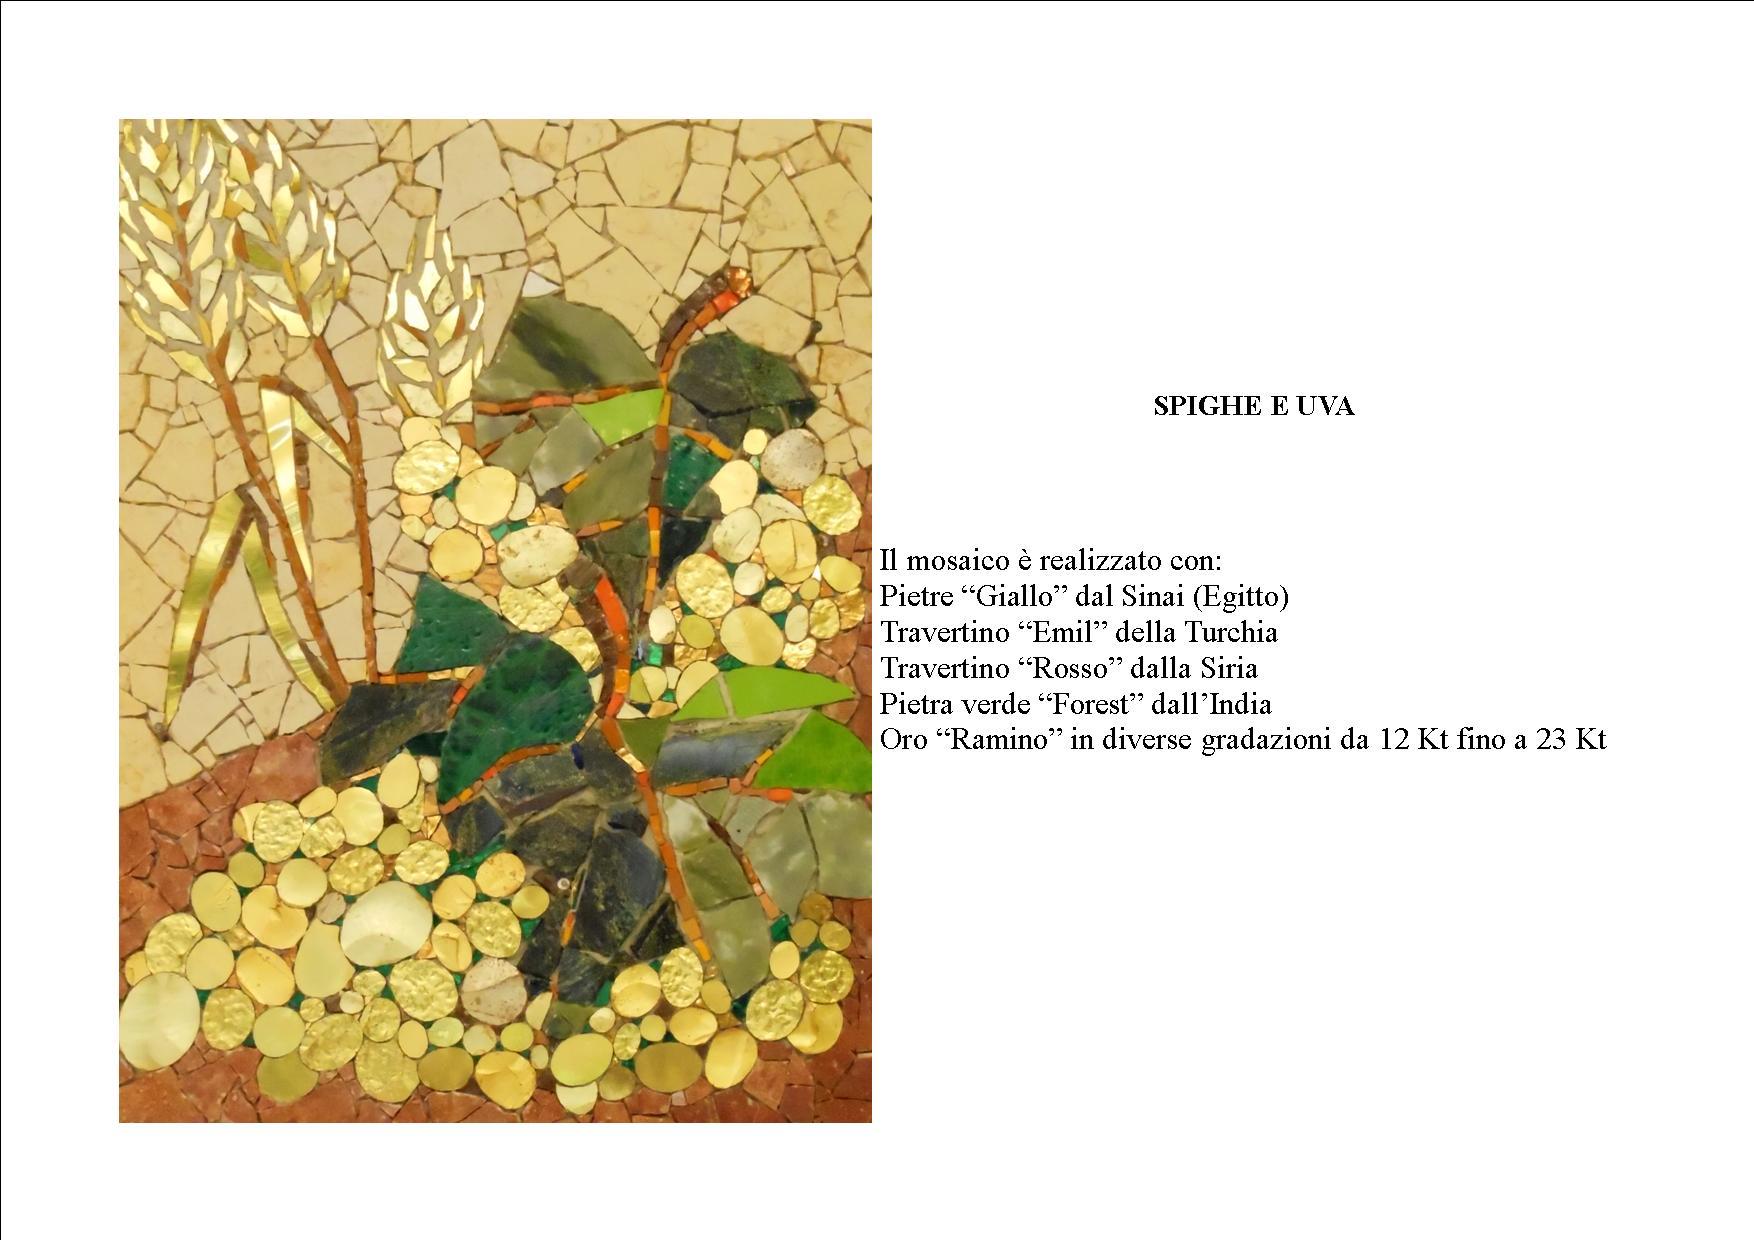 Spighe e Uva